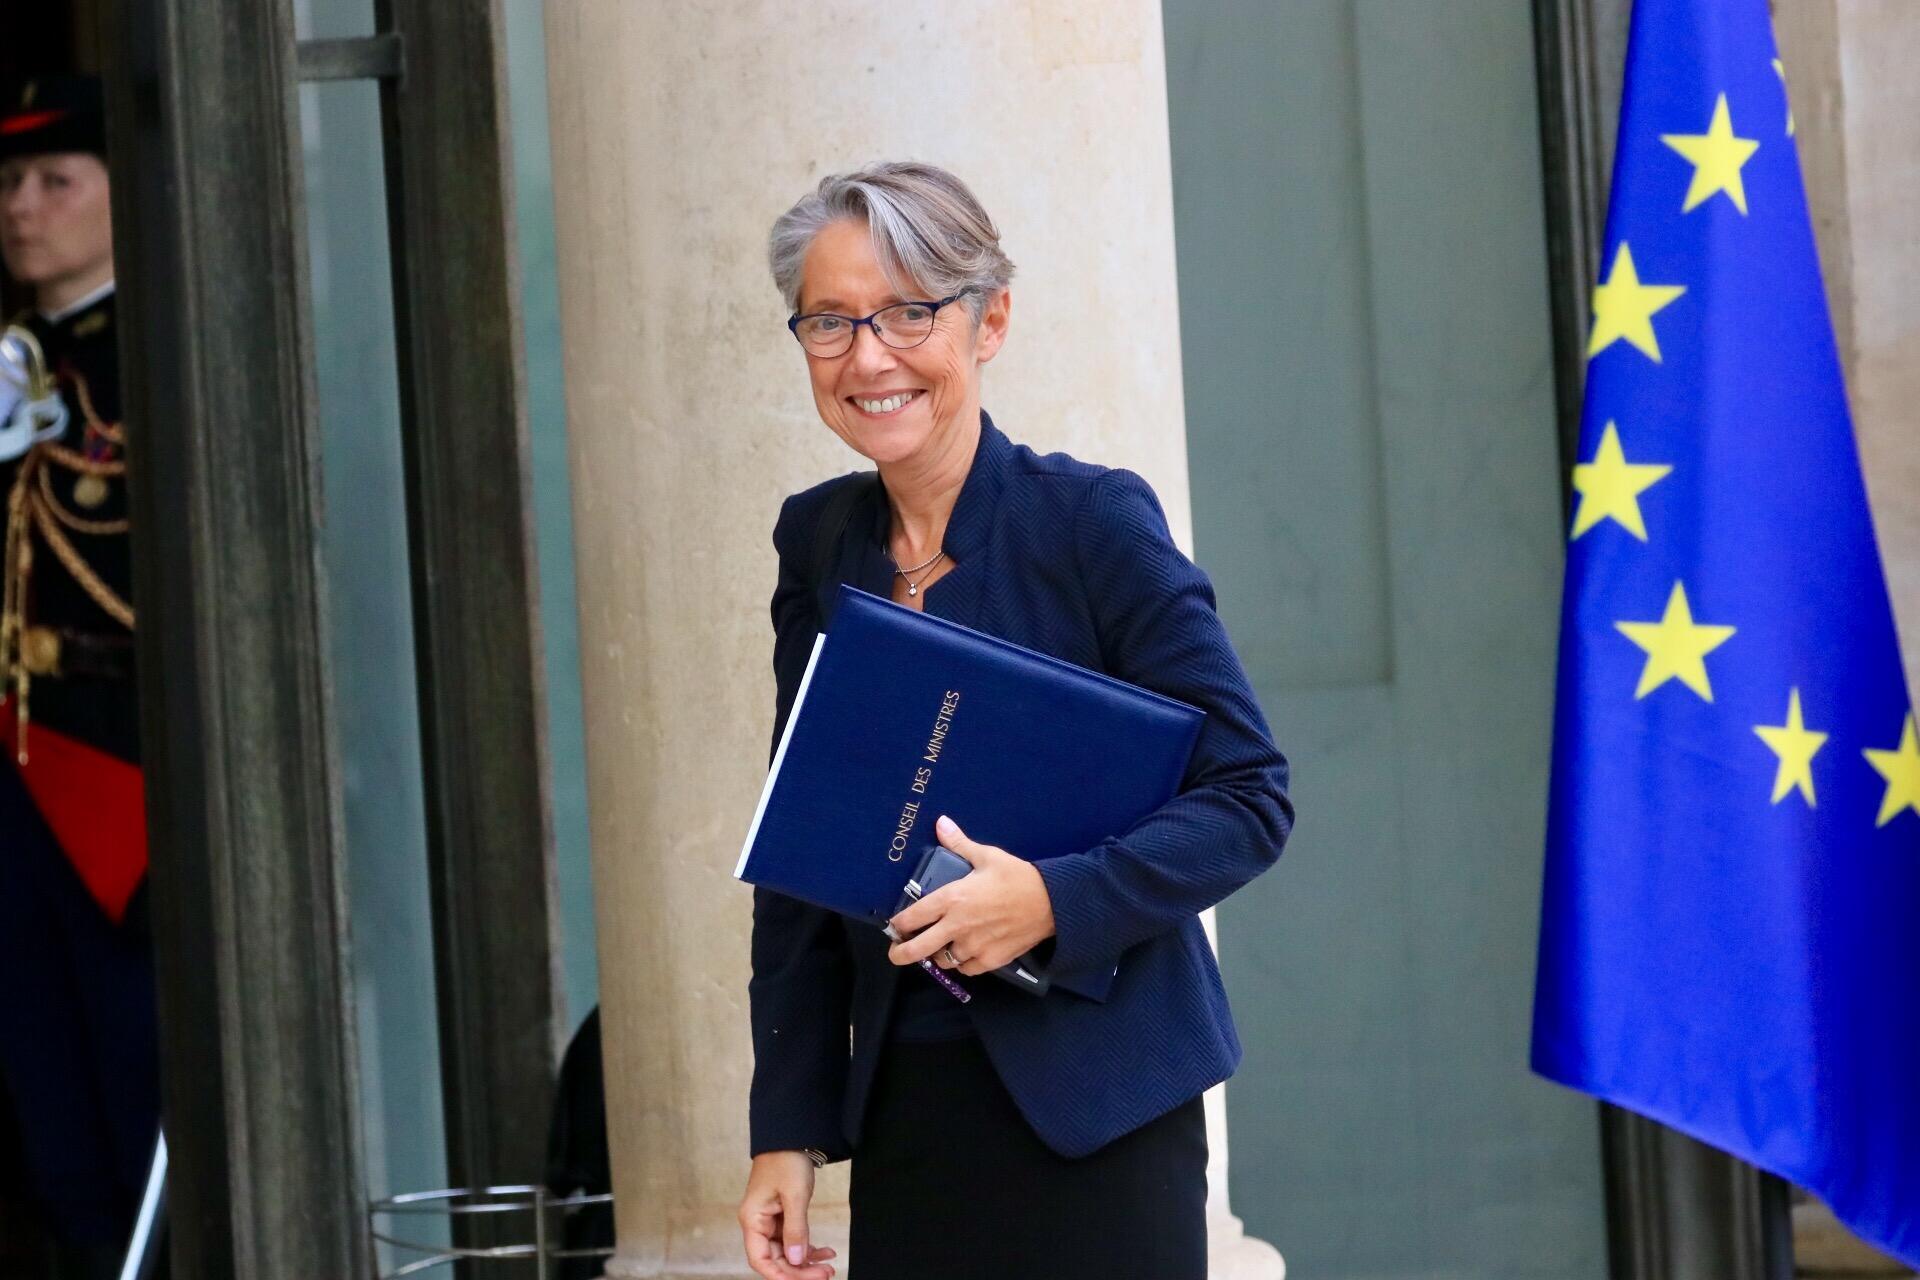 法国劳工部长埃丽莎白·波恩(Élisabeth Borne)